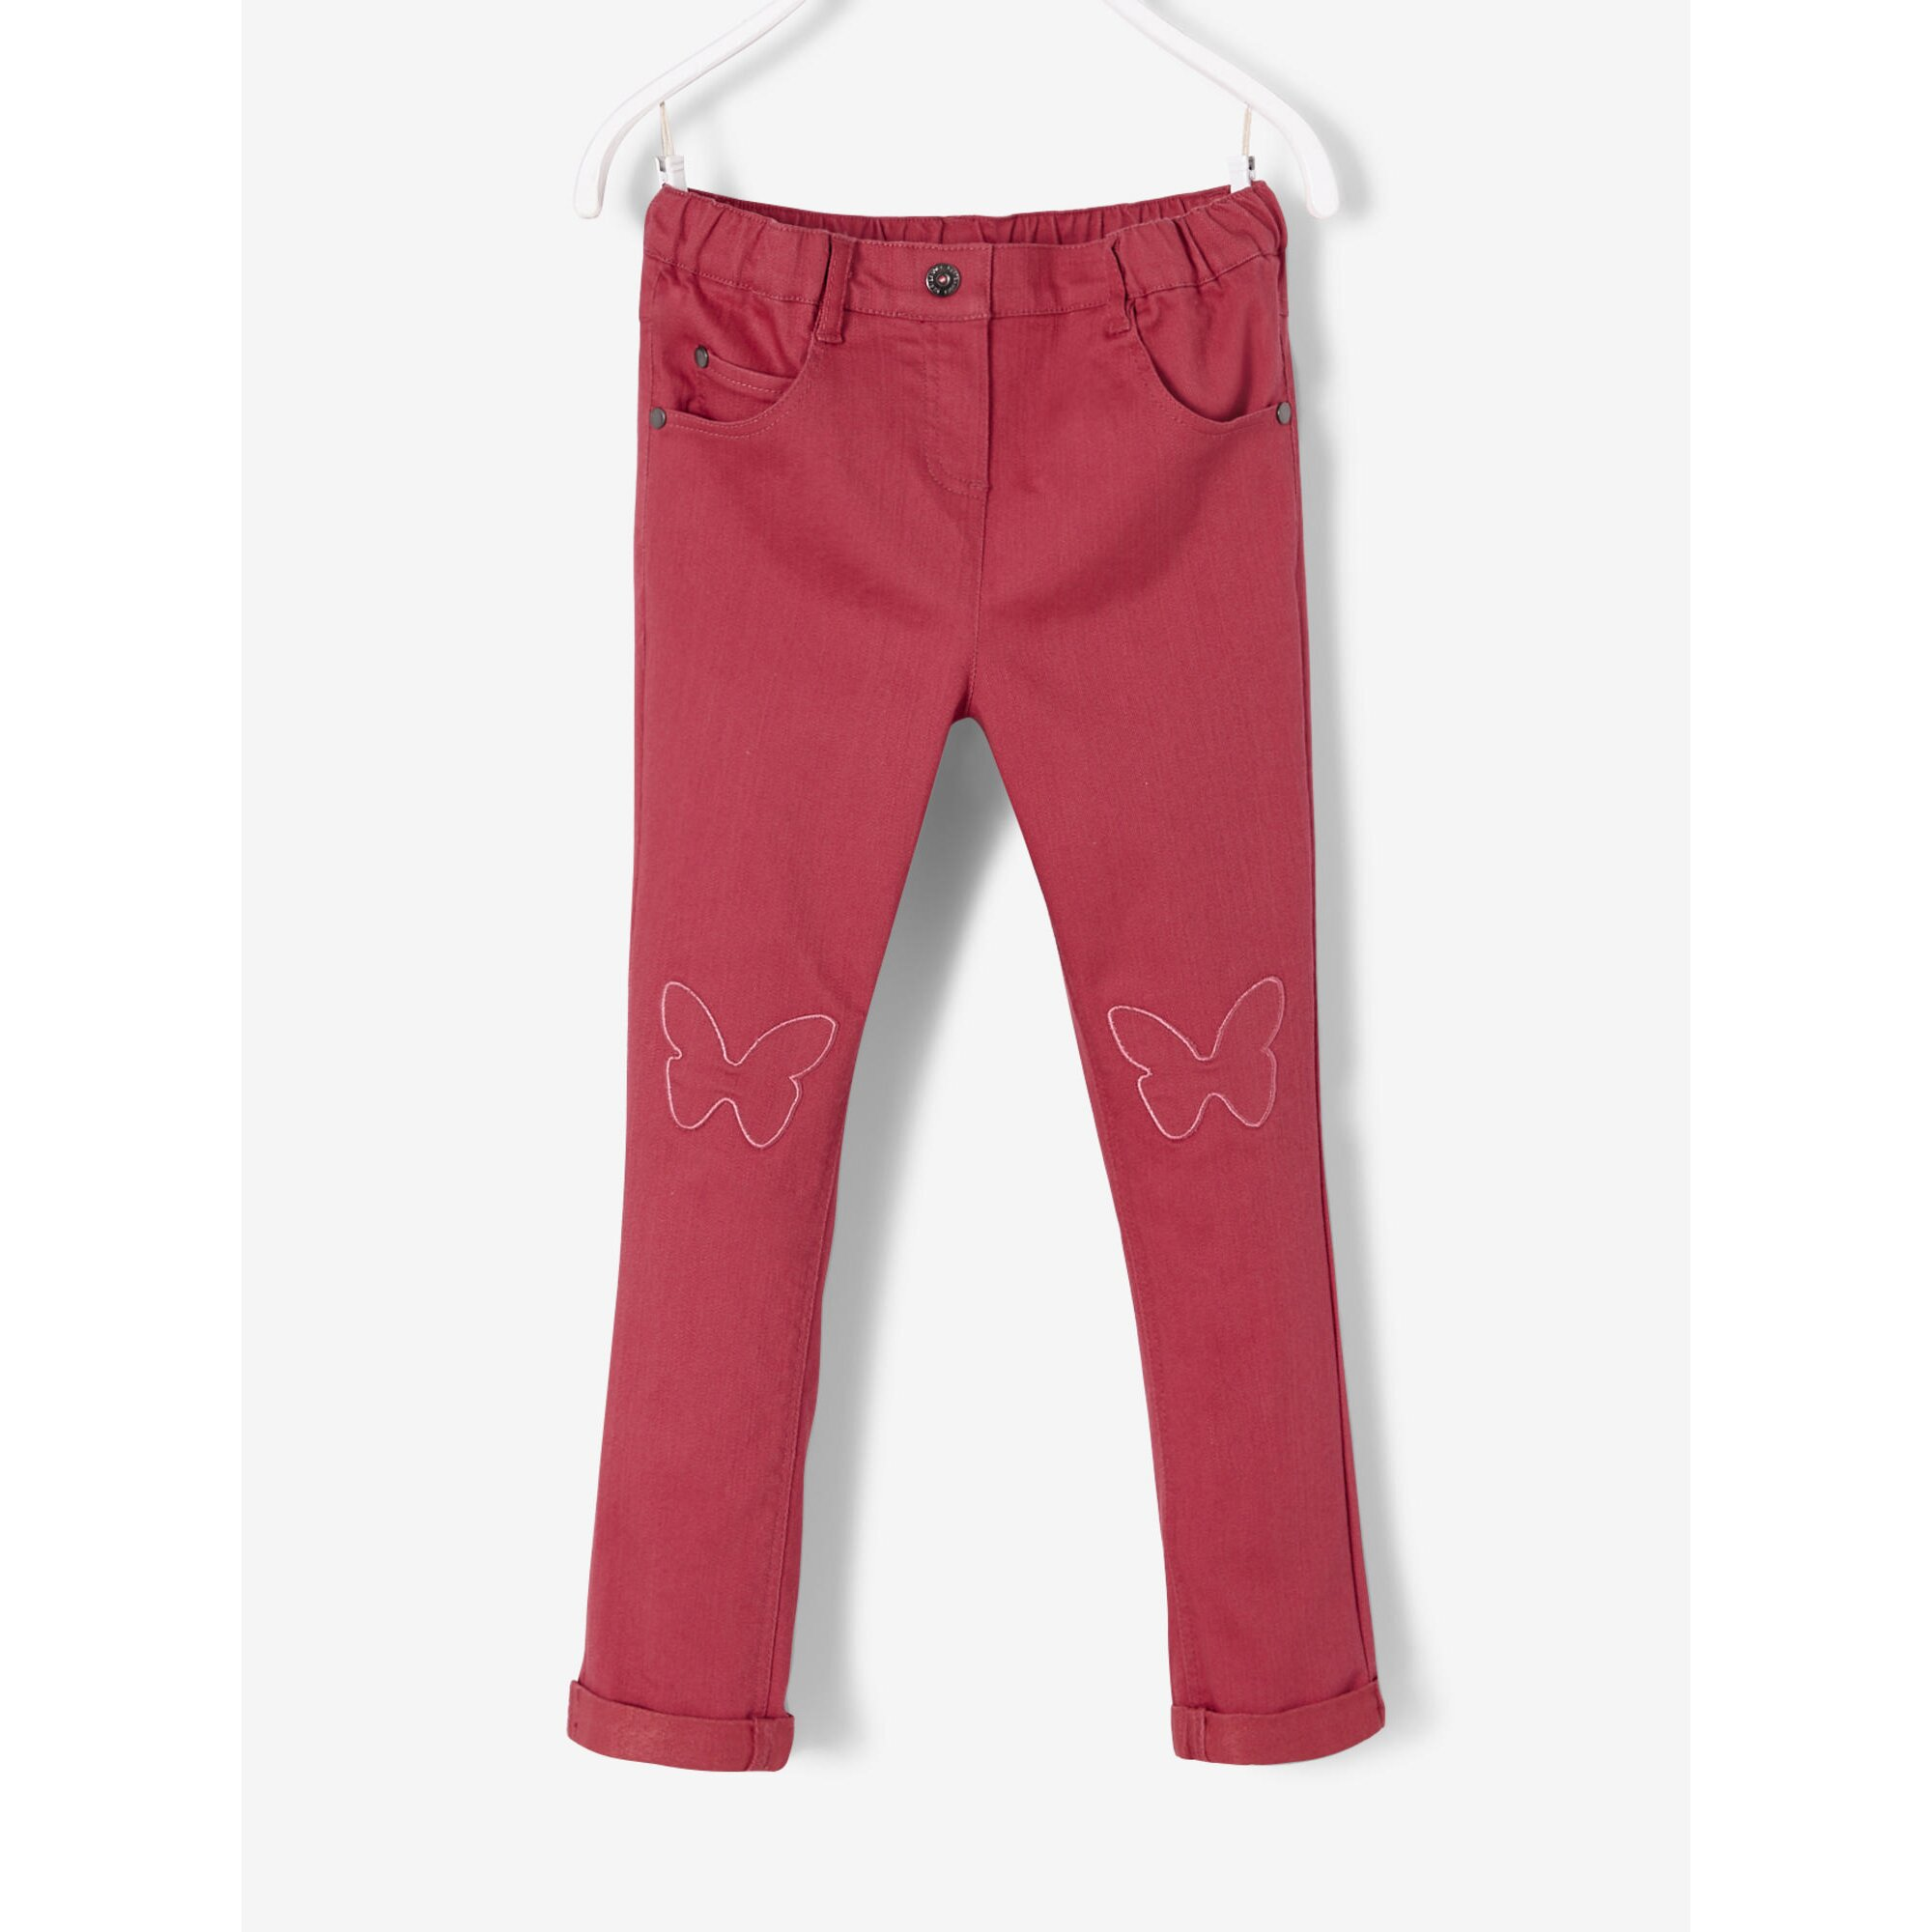 Vertbaudet Slim-Fit-Hose für Mädchen